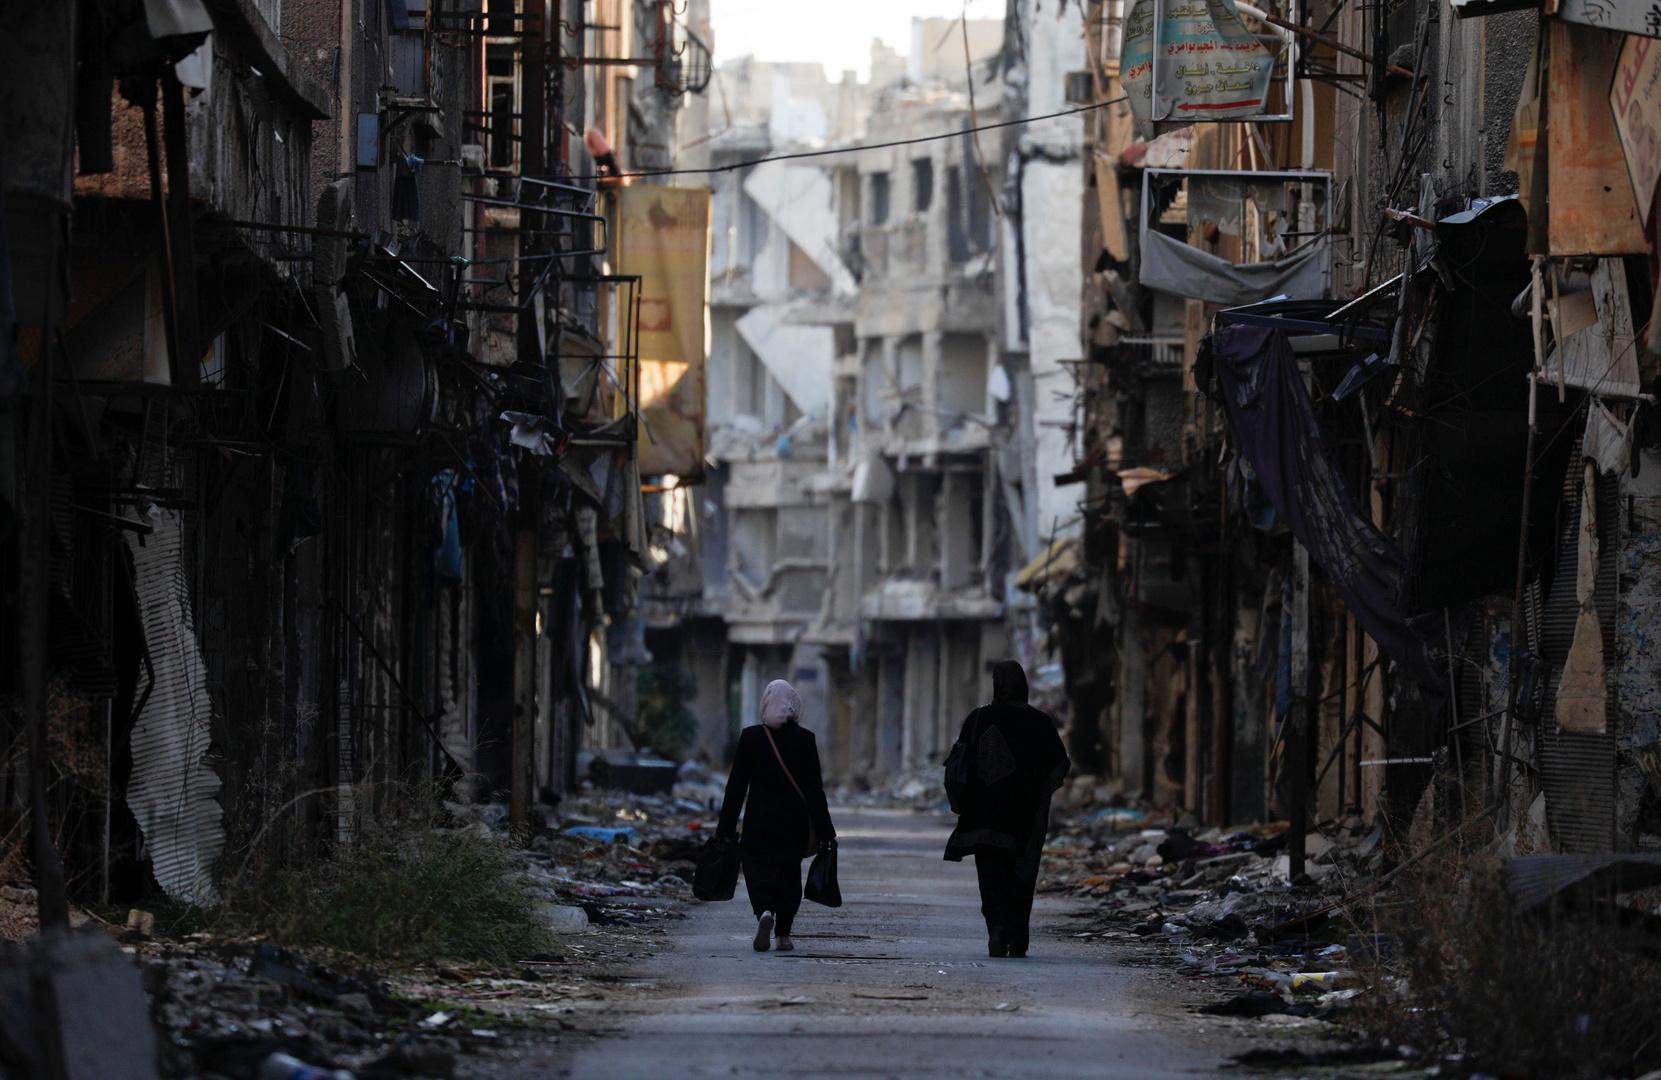 سوريا يمكن أن تصبح ساحة حرب عالية الدقة